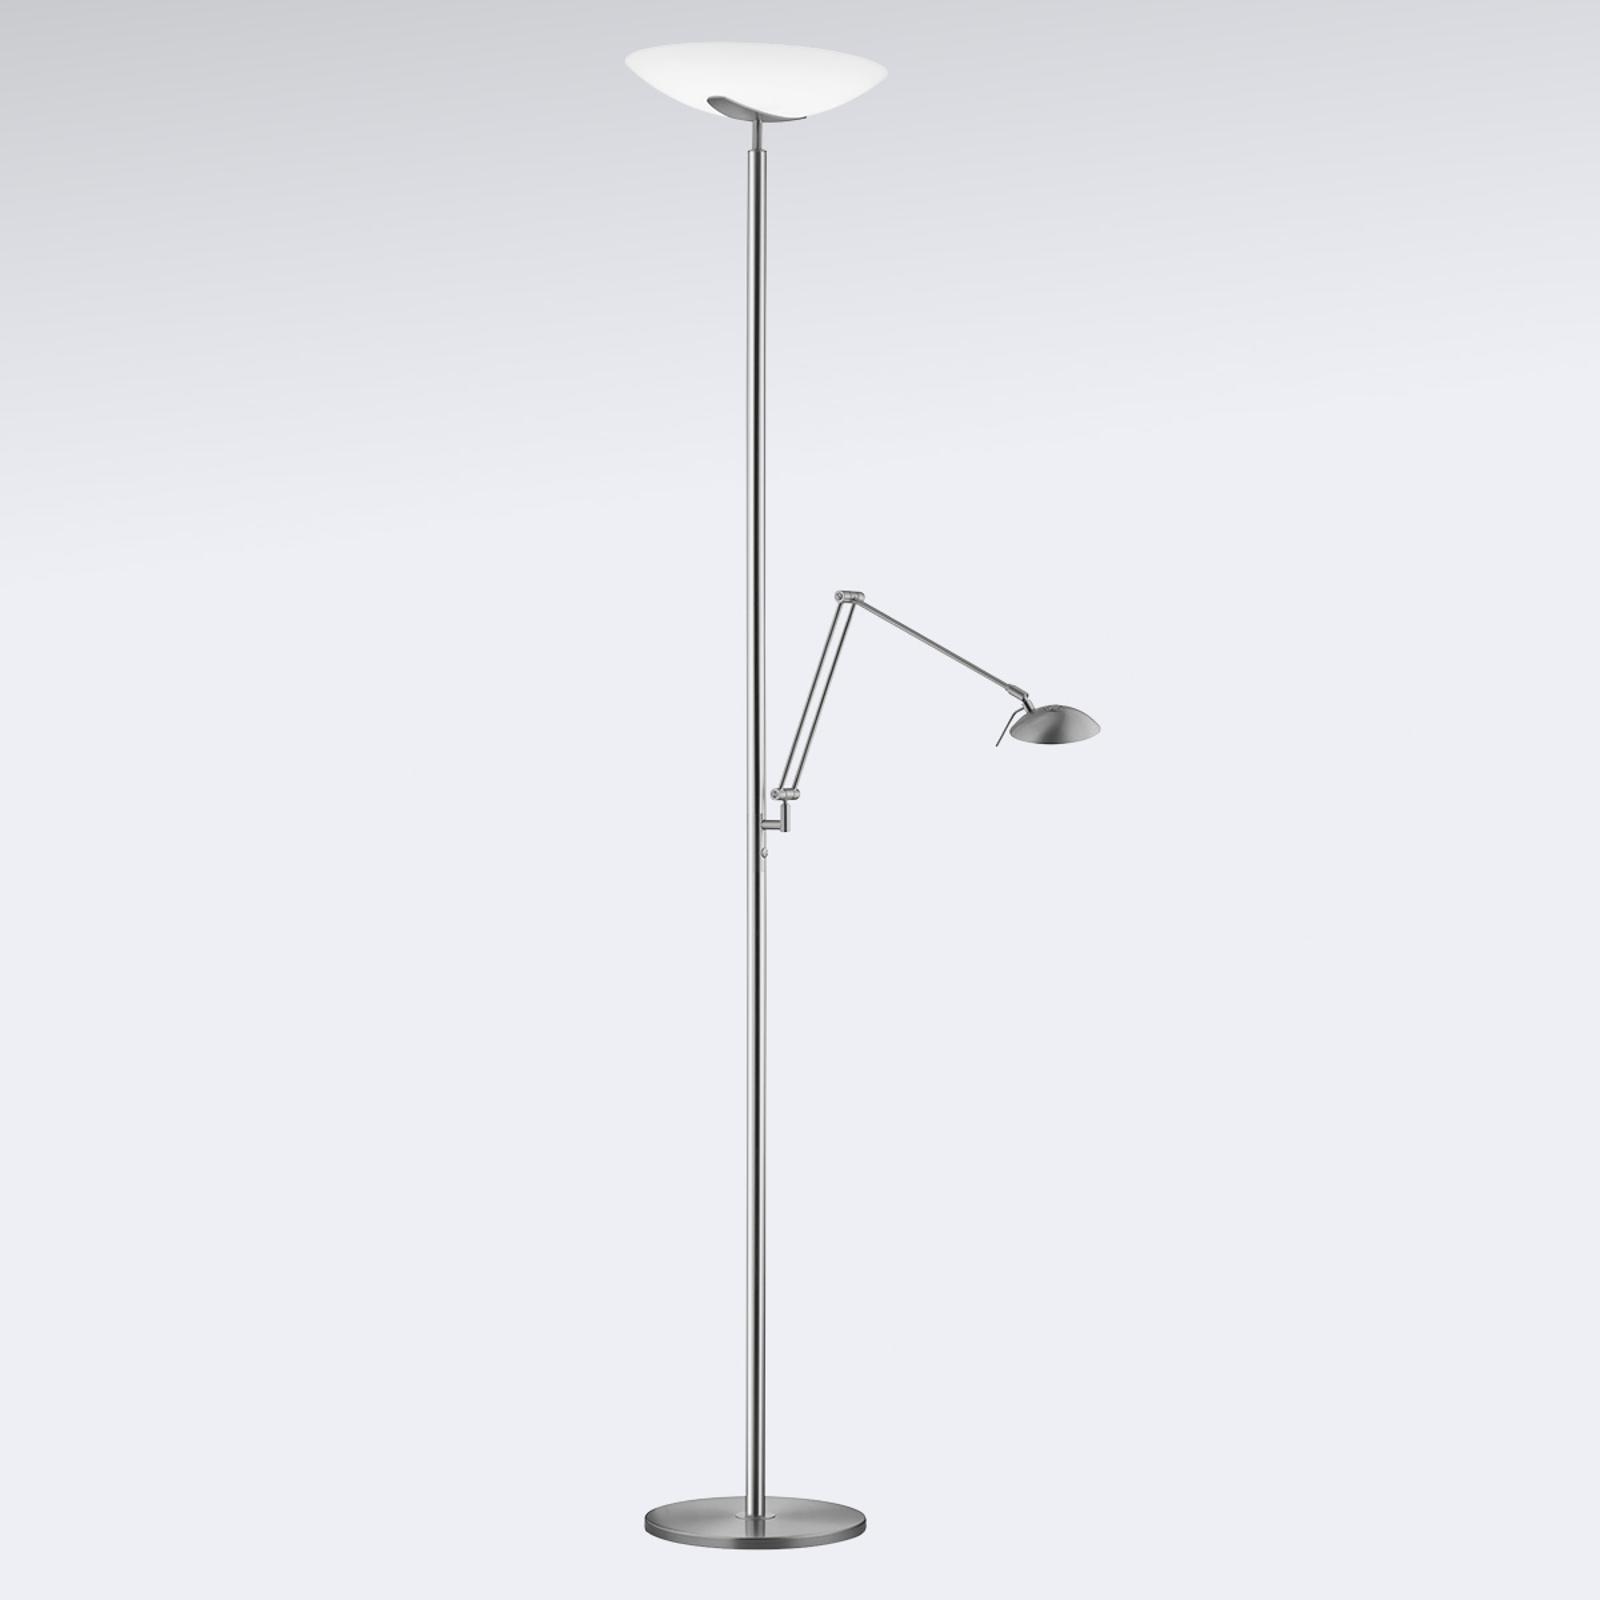 LED-uplight-golvlampa Lya, läslampa nickel-krom